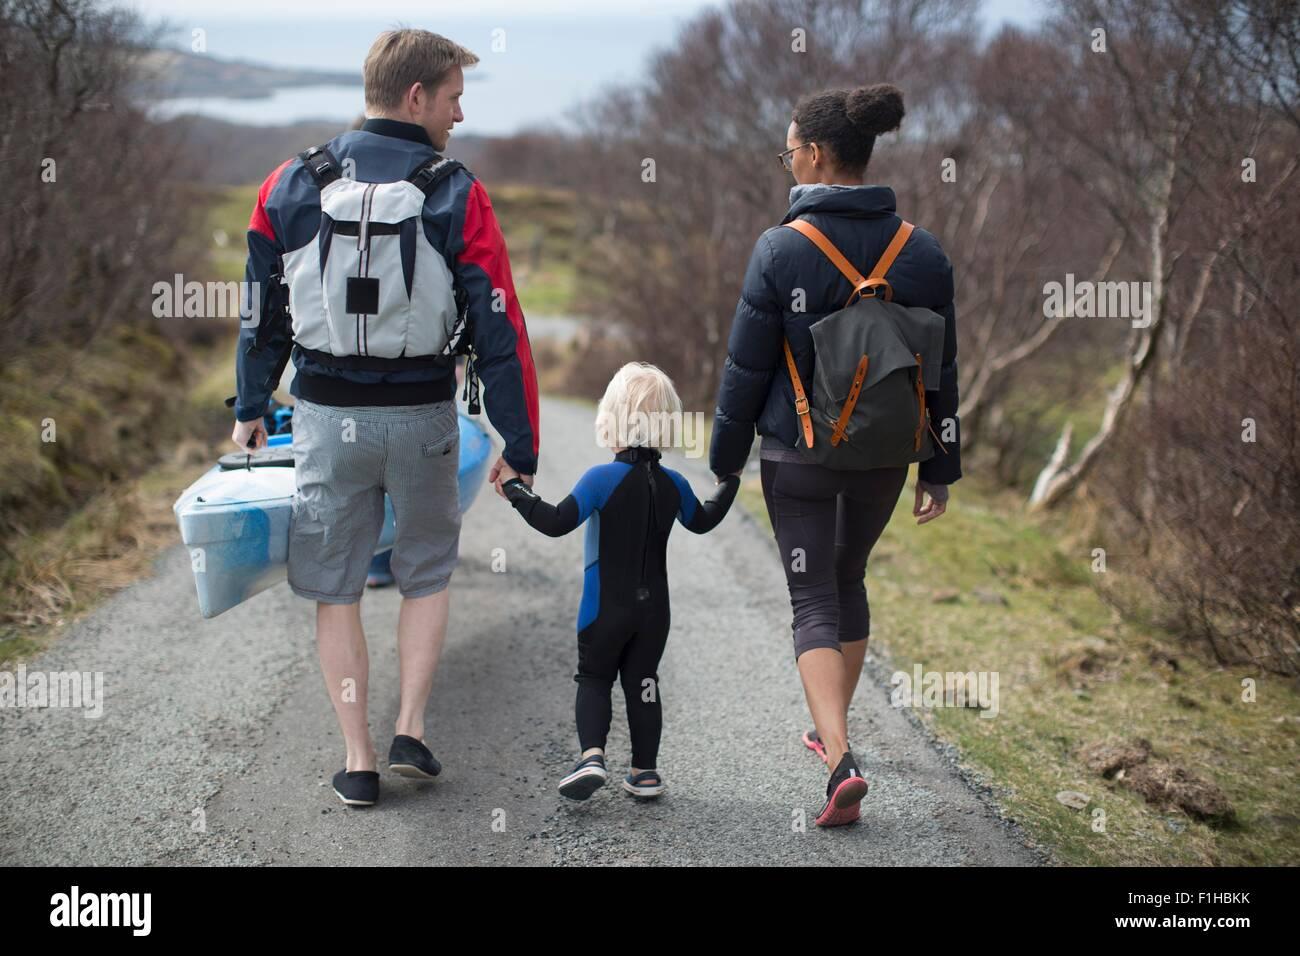 Caminando por la familia country road tomados de las manos, vista trasera Foto de stock